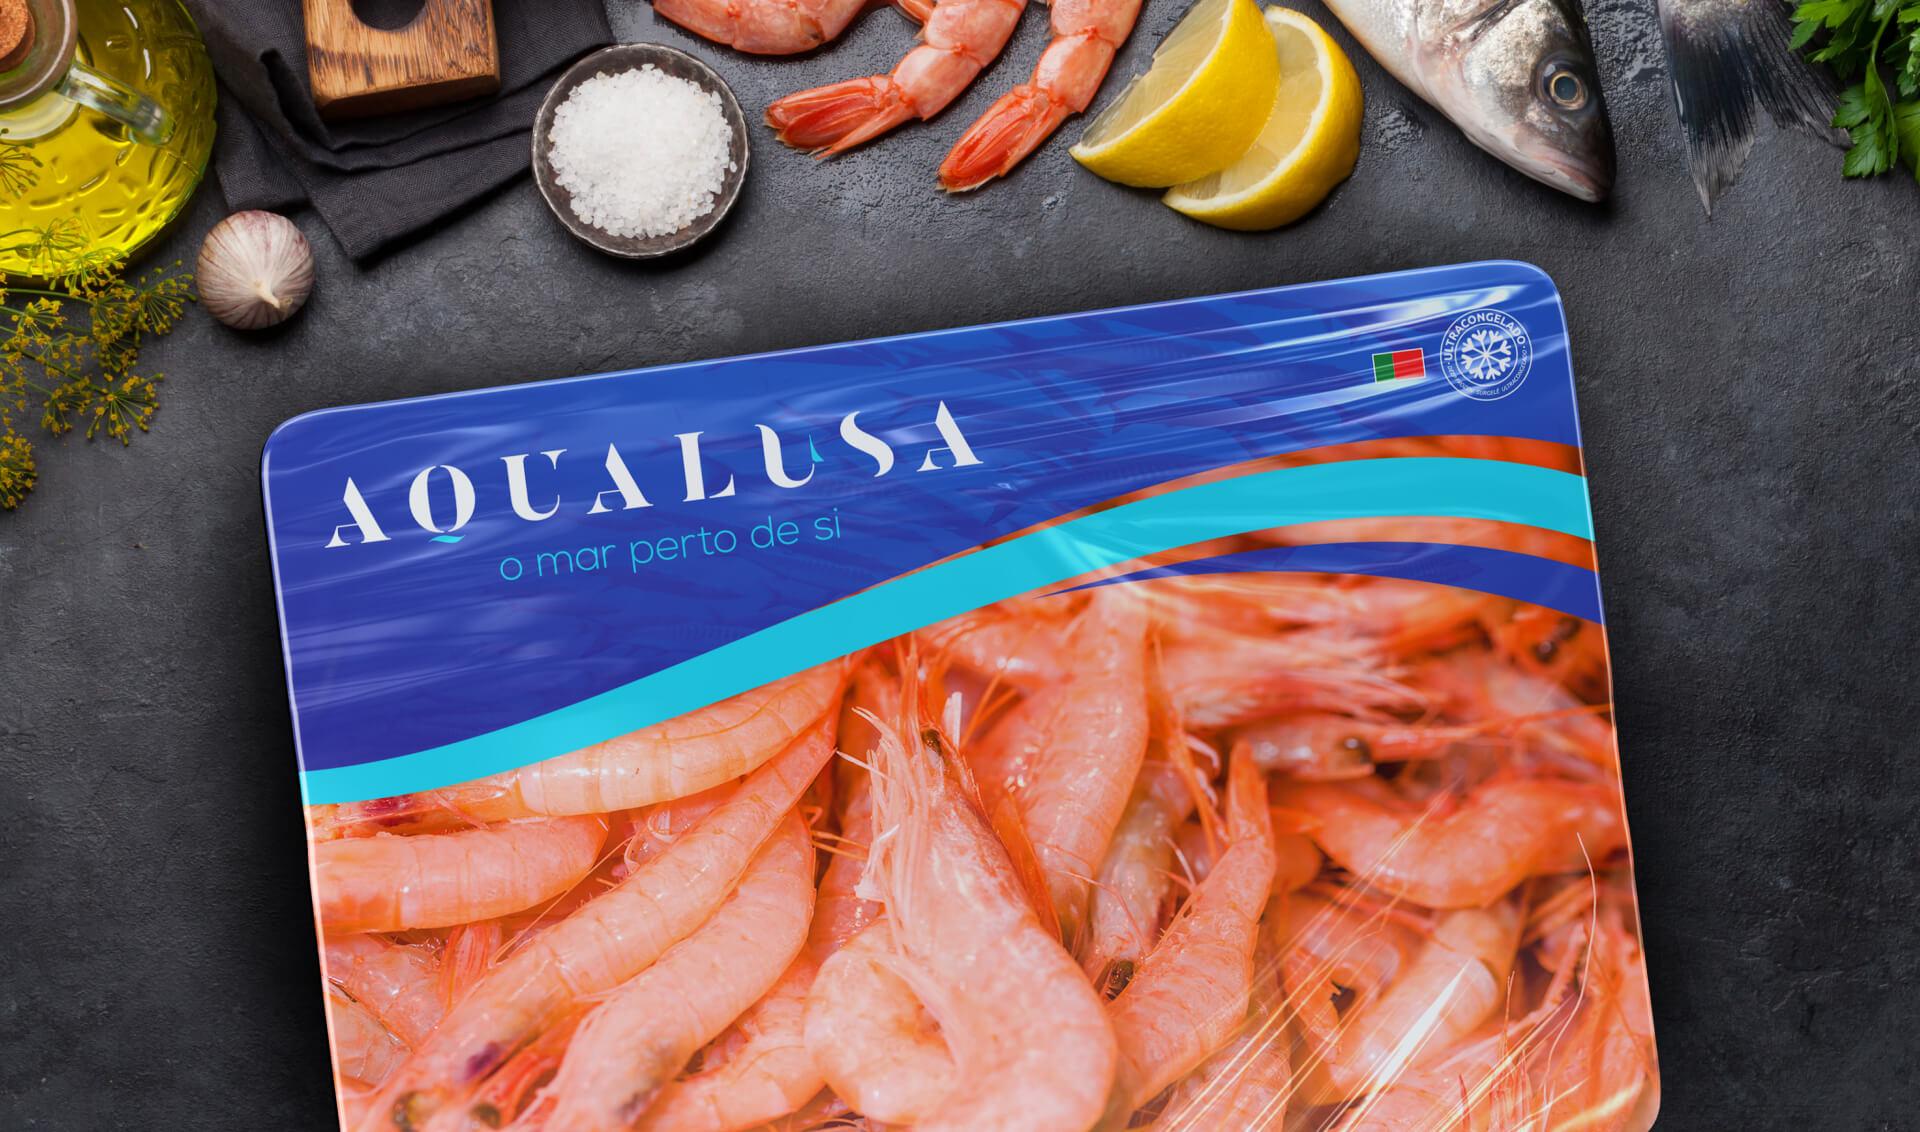 Embalagem de camarão da Aqualusa